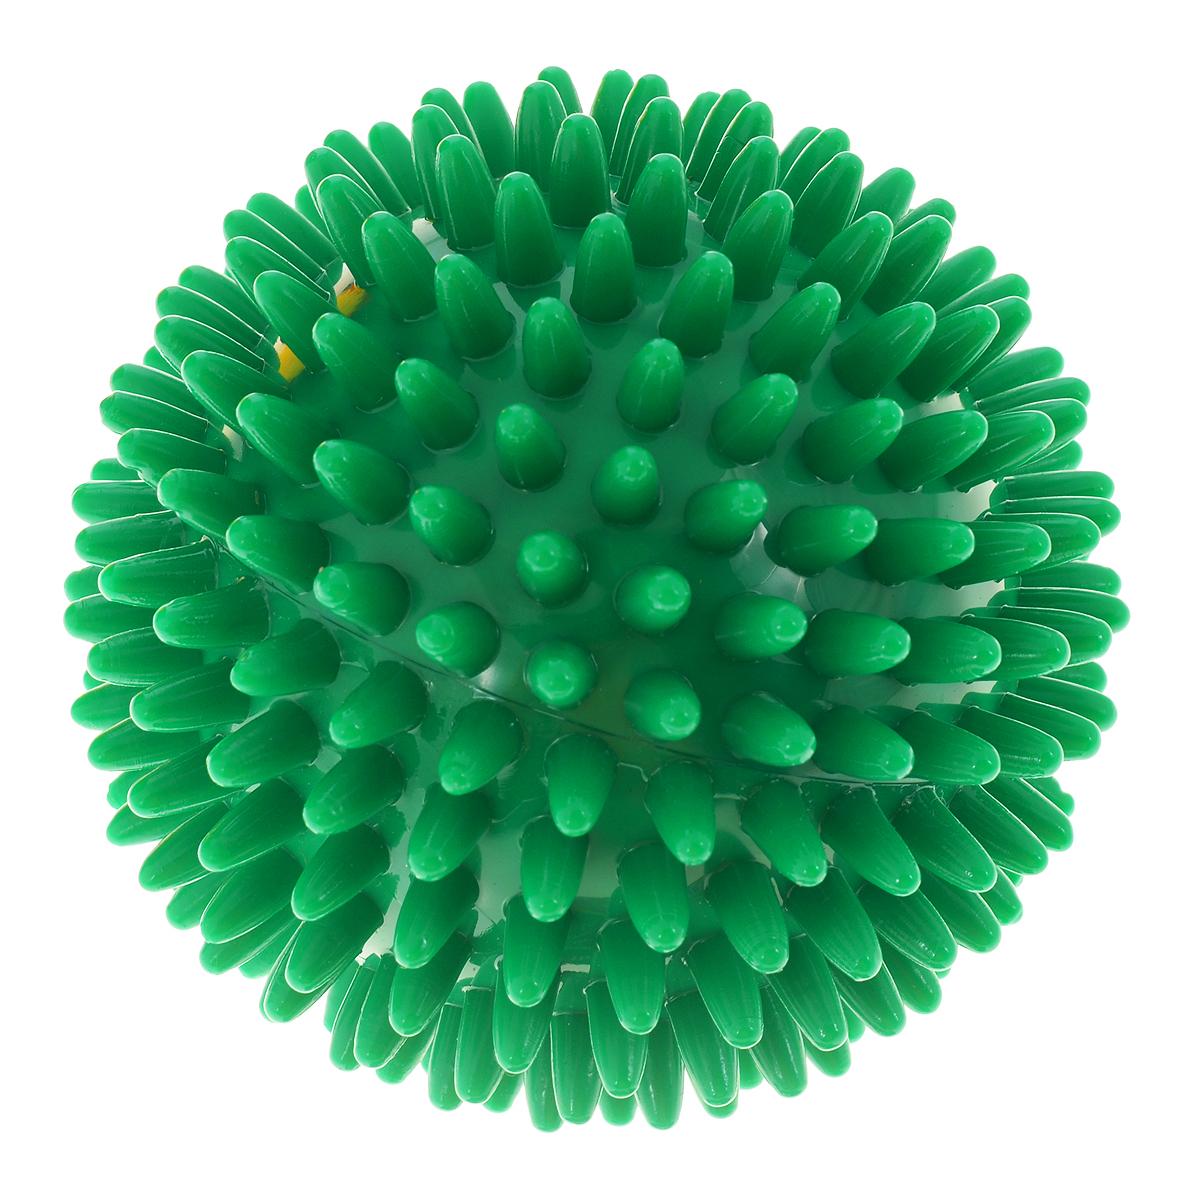 Игрушка для собак V.I.Pet Массажный мяч, цвет: зеленый, диаметр 10 см0120710Игрушка для собак V.I.Pet Массажный мяч, изготовленная из ПВХ, предназначена для массажа и самомассажа рефлексогенных зон. Она имеет мягкие закругленные массажные шипы, эффективно массирующие и не травмирующие кожу. Игрушка не позволит скучать вашему питомцу ни дома, ни на улице.Диаметр: 10 см.